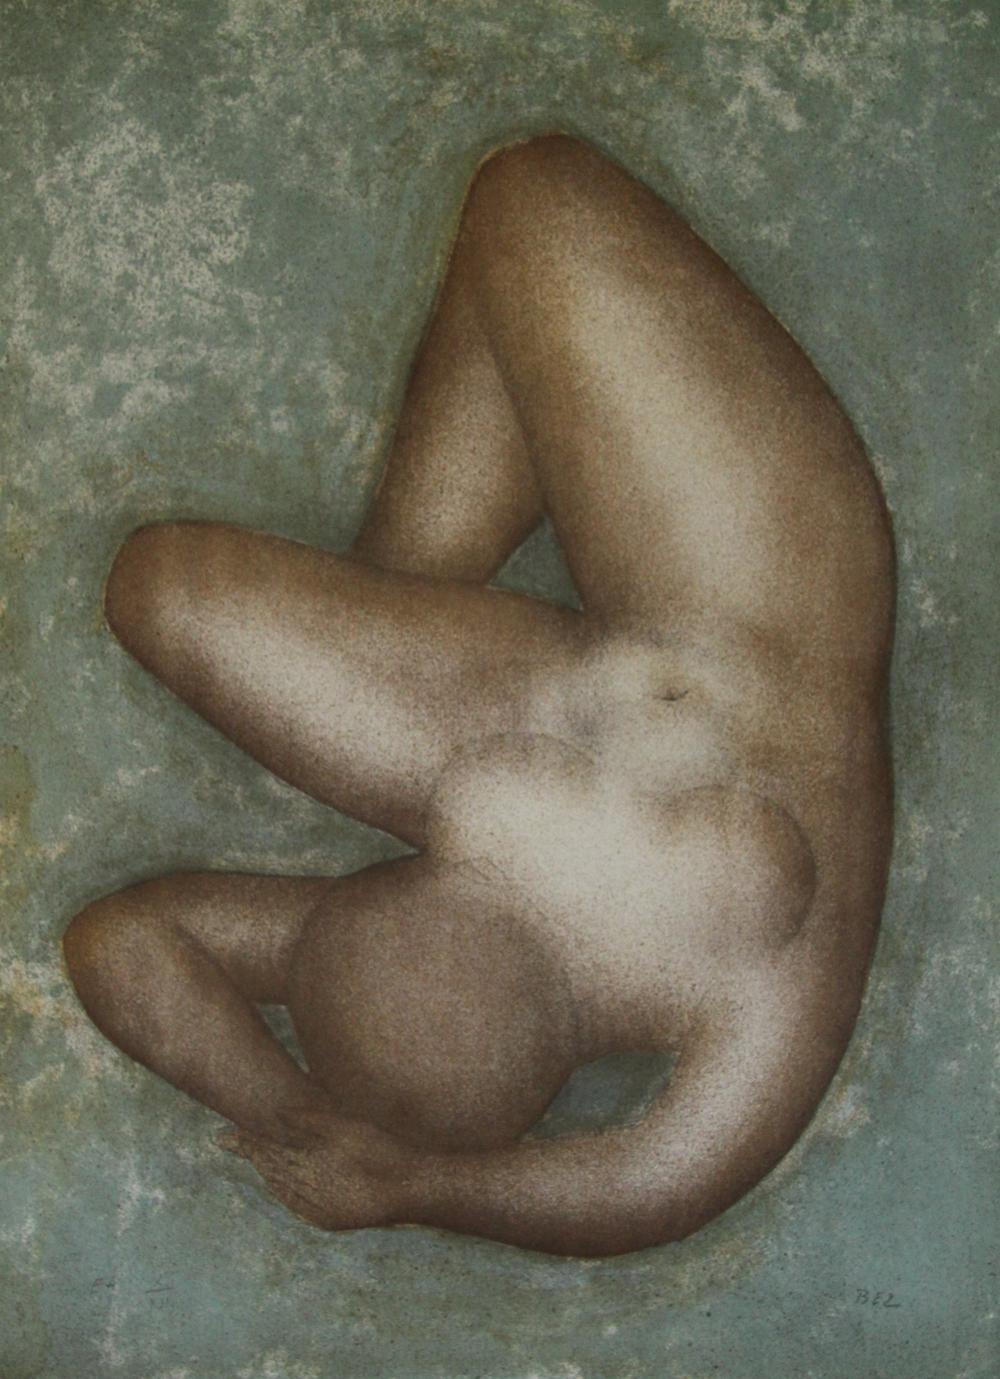 Galerie Photo Nue >> Femme Nue Lithographie Originale Signee De Bez Michel Bez Michel